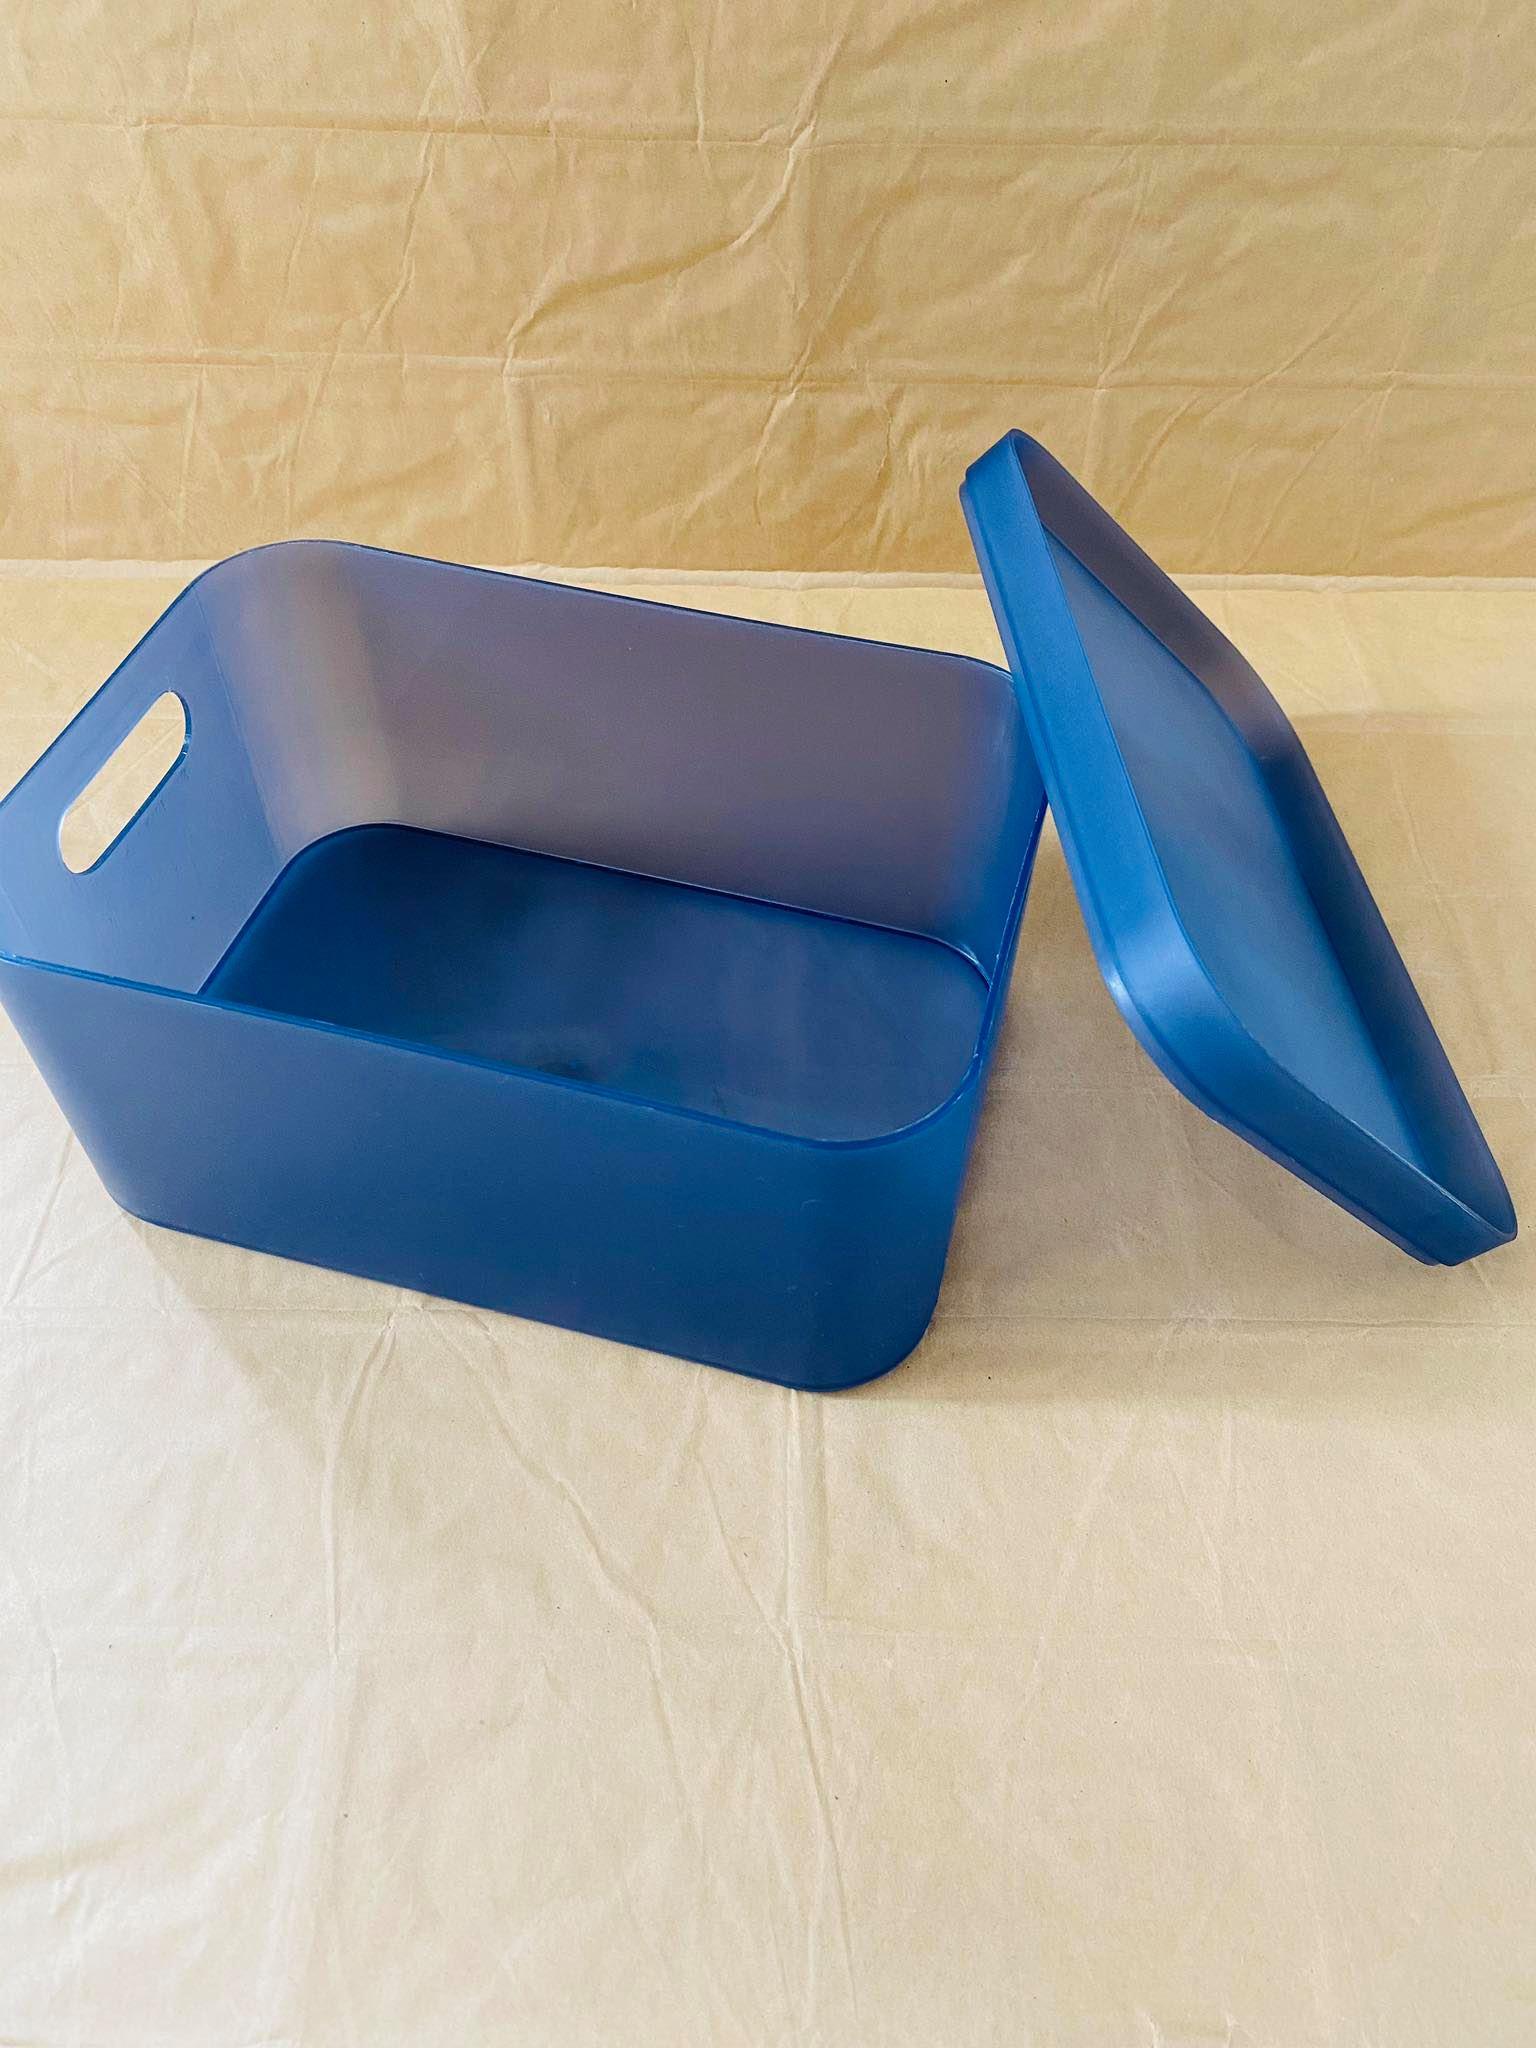 Hộp nhựa đựng đồ có nắp 22x10.5x5.5cm